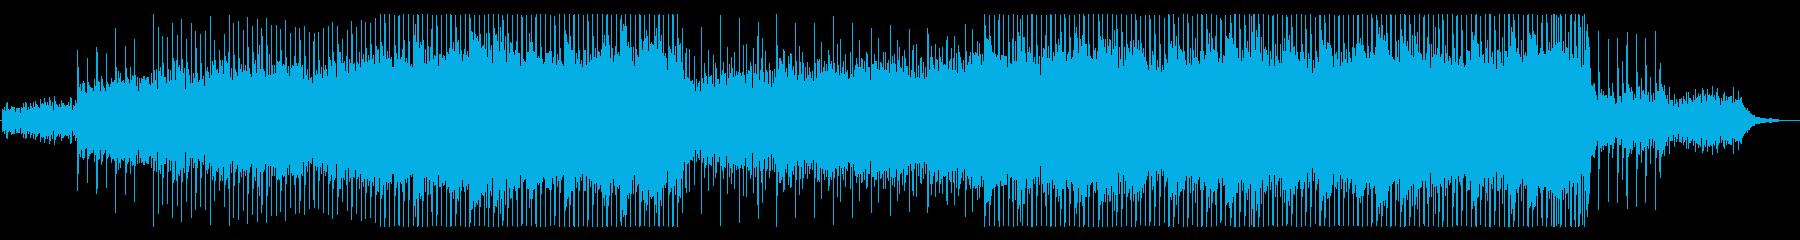 透明感のあるポップコーポレート向けの再生済みの波形